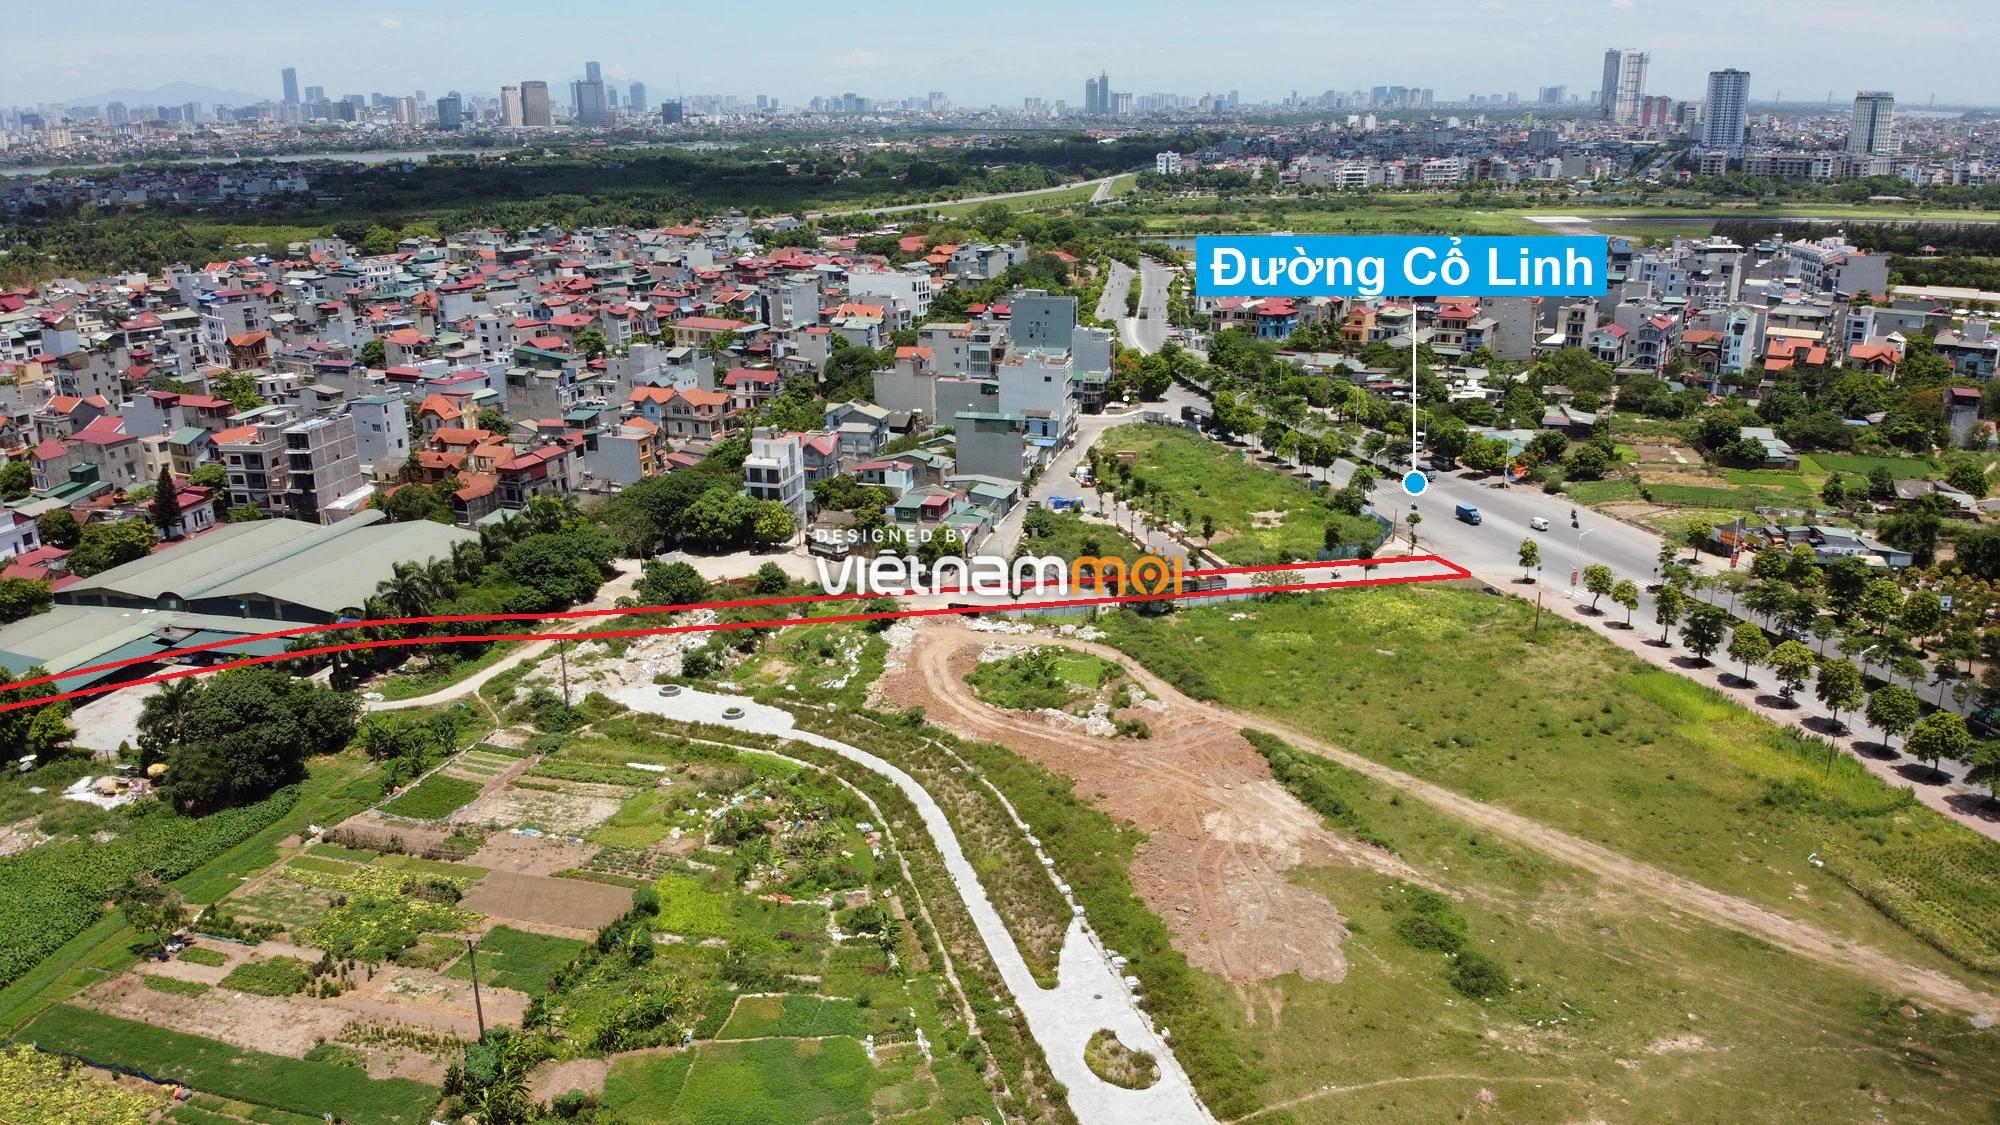 Những khu đất sắp thu hồi để mở đường ở phường Long Biên, Long Biên, Hà Nội (phần 4) - Ảnh 12.